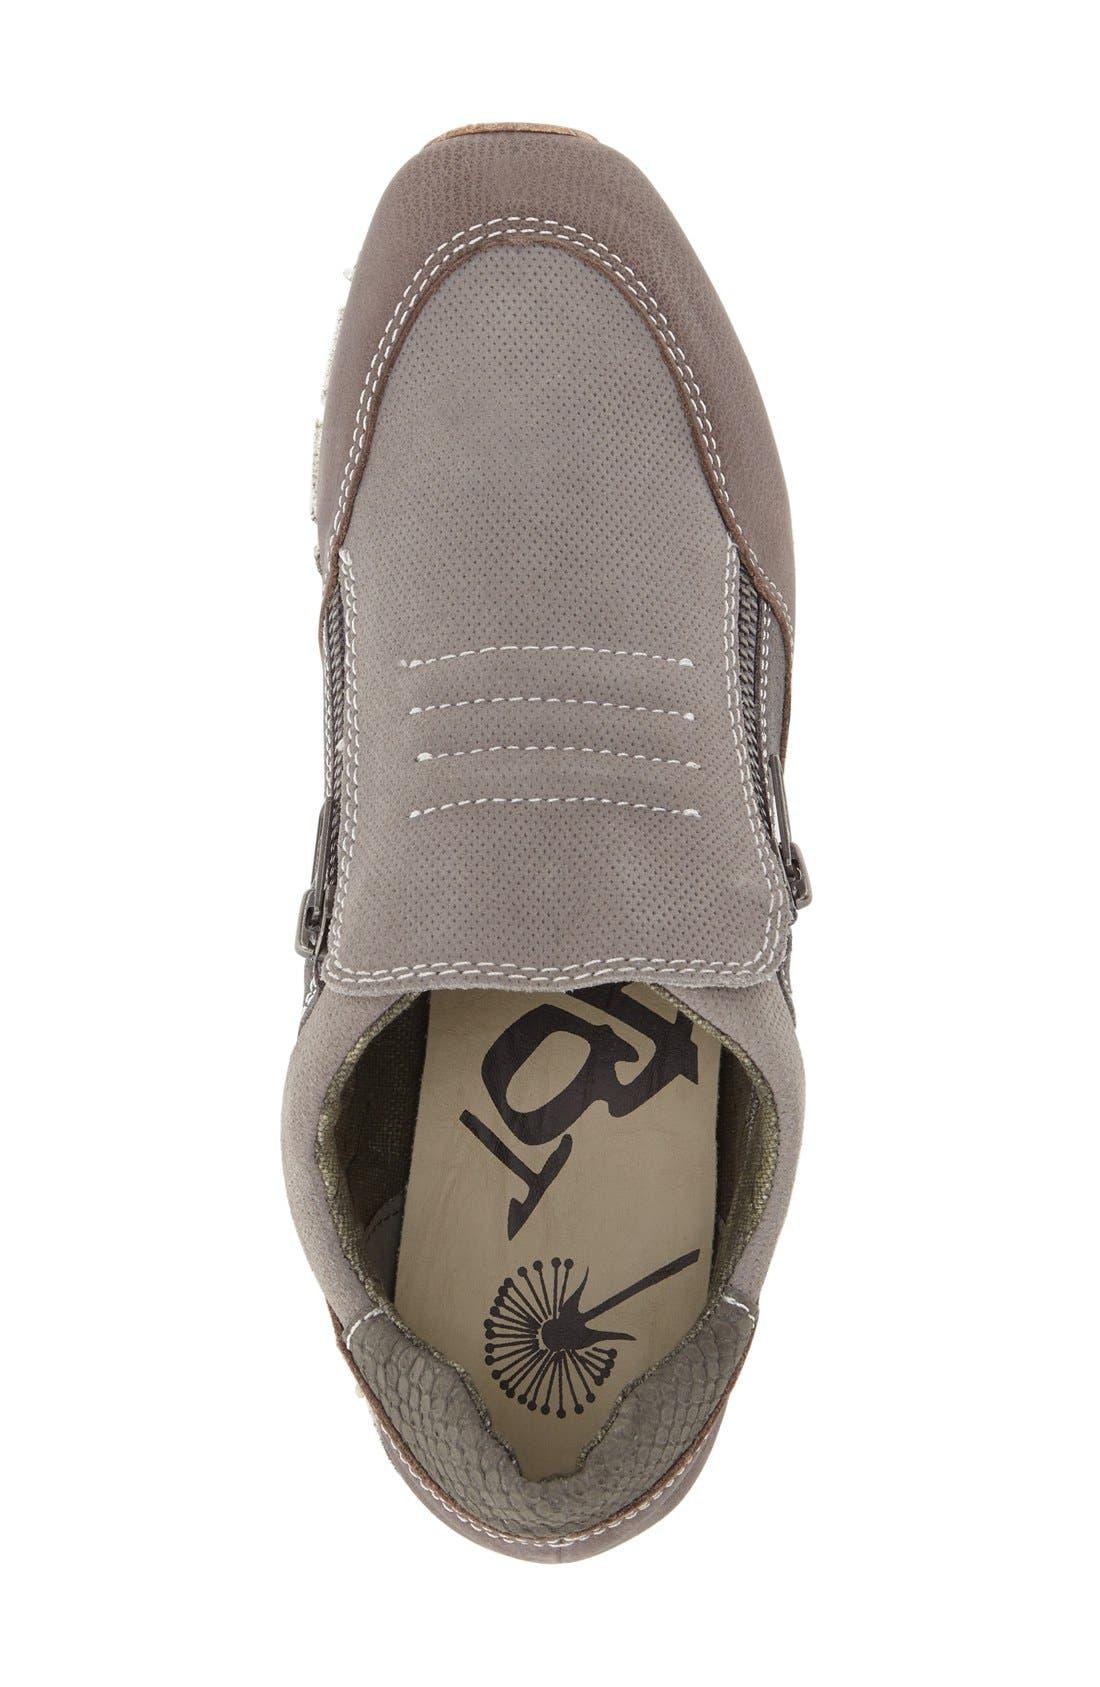 Alternate Image 3  - OTBT'Sewell' Sneaker (Women)